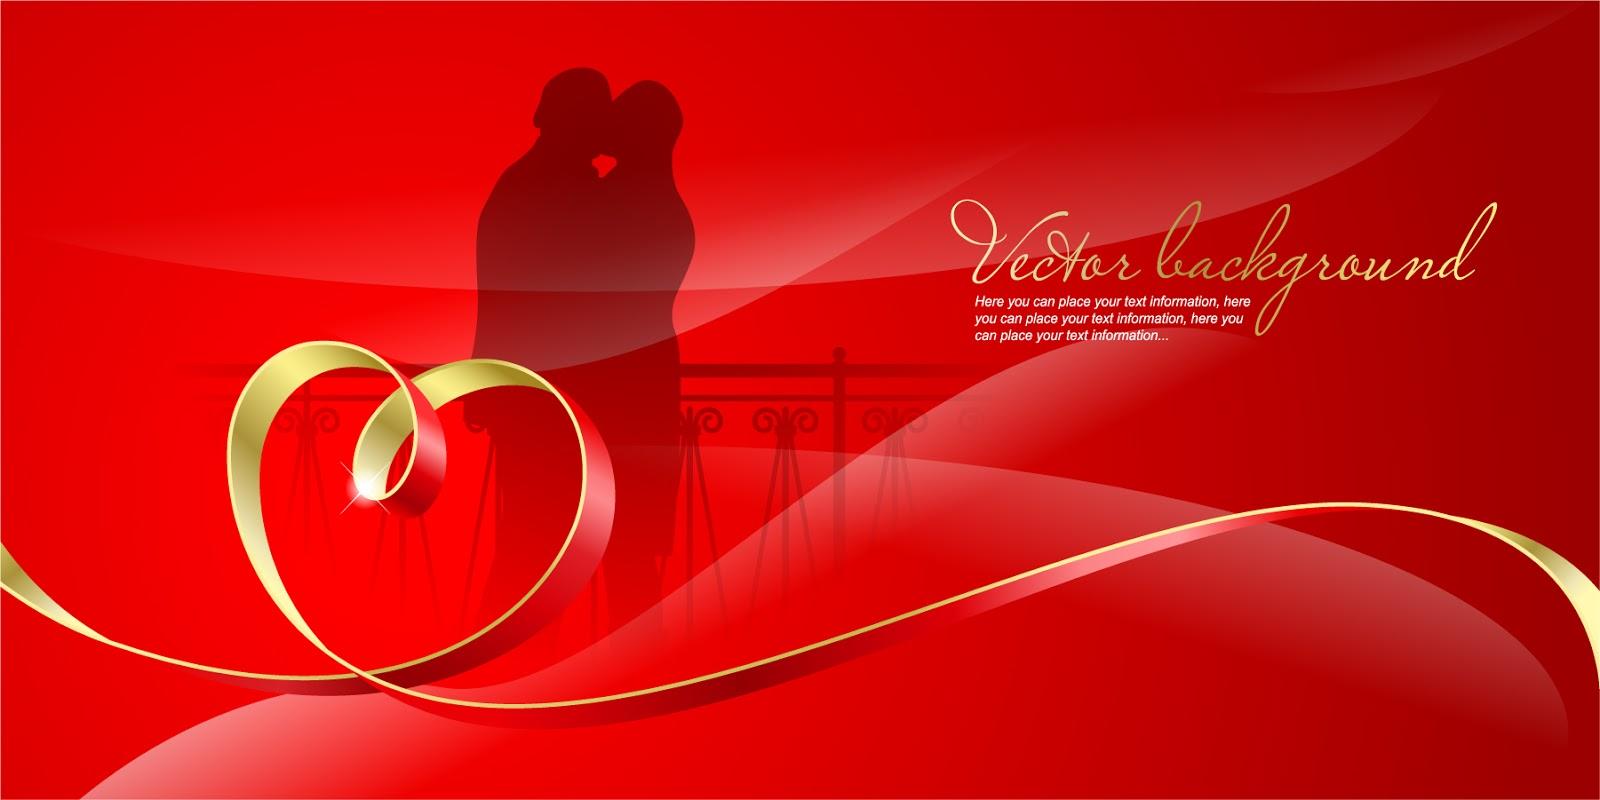 ロマンチックなハートリボンのバレンタインデー背景 romantic heartshaped ribbon background イラスト素材1